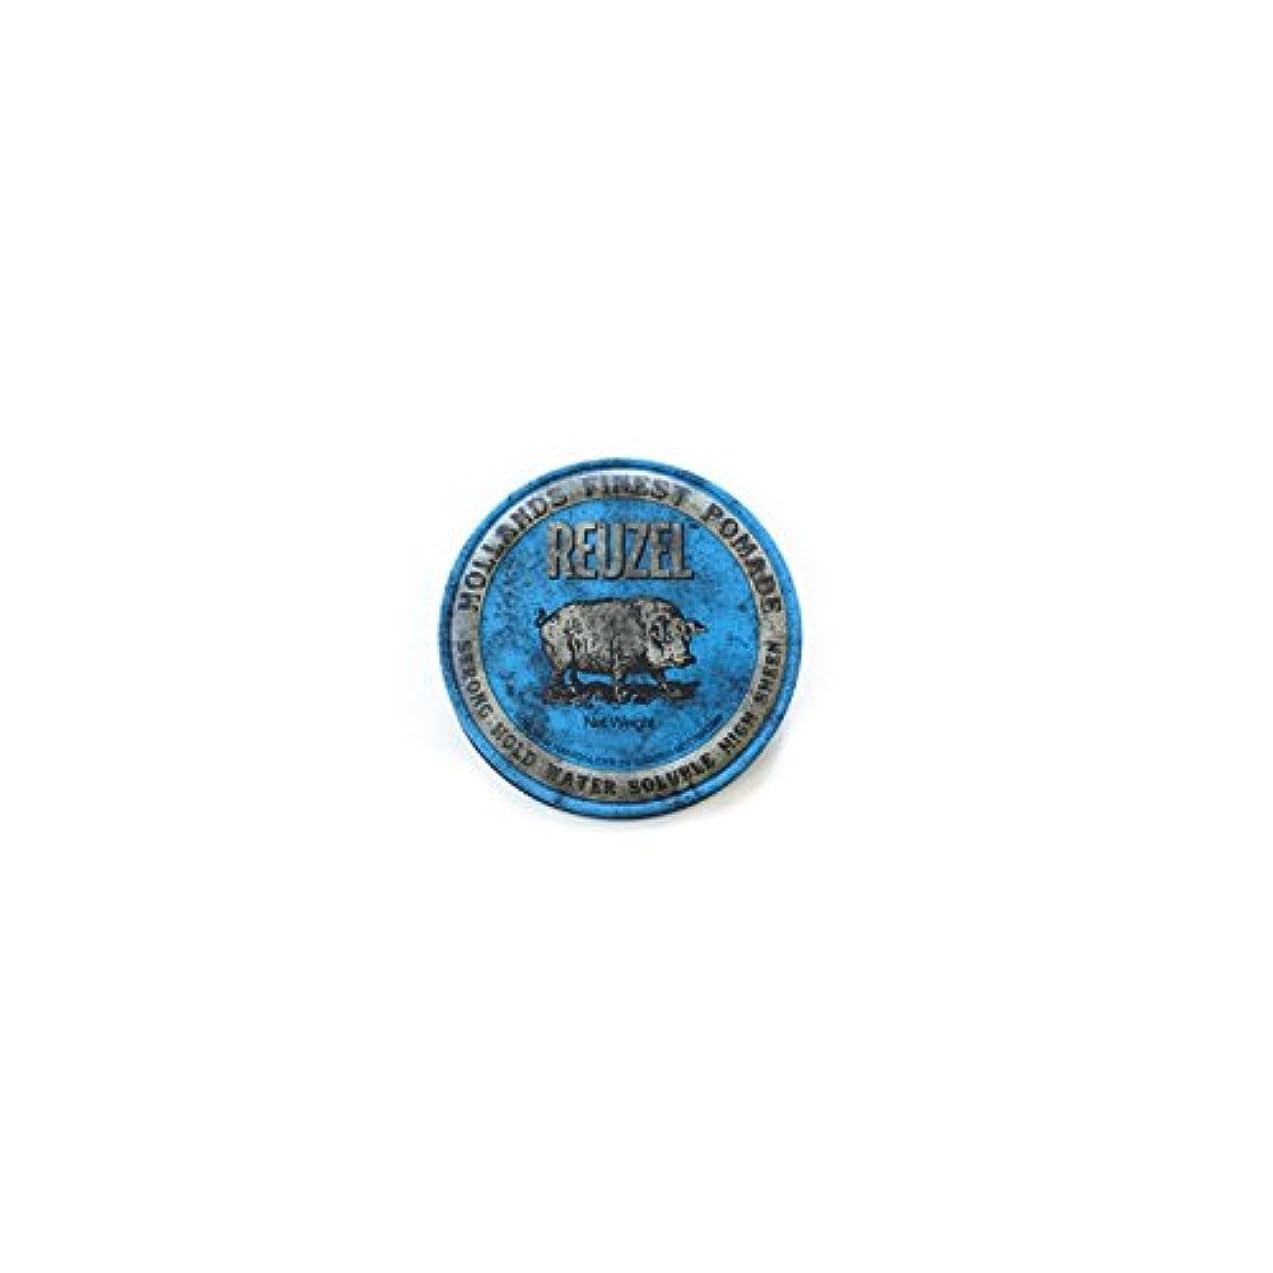 ましい好ましい最大のREUZEL ルーゾーストロングホールドポマード  1.3oz.-35g 【青】35g <水溶性: ストロングホールド>